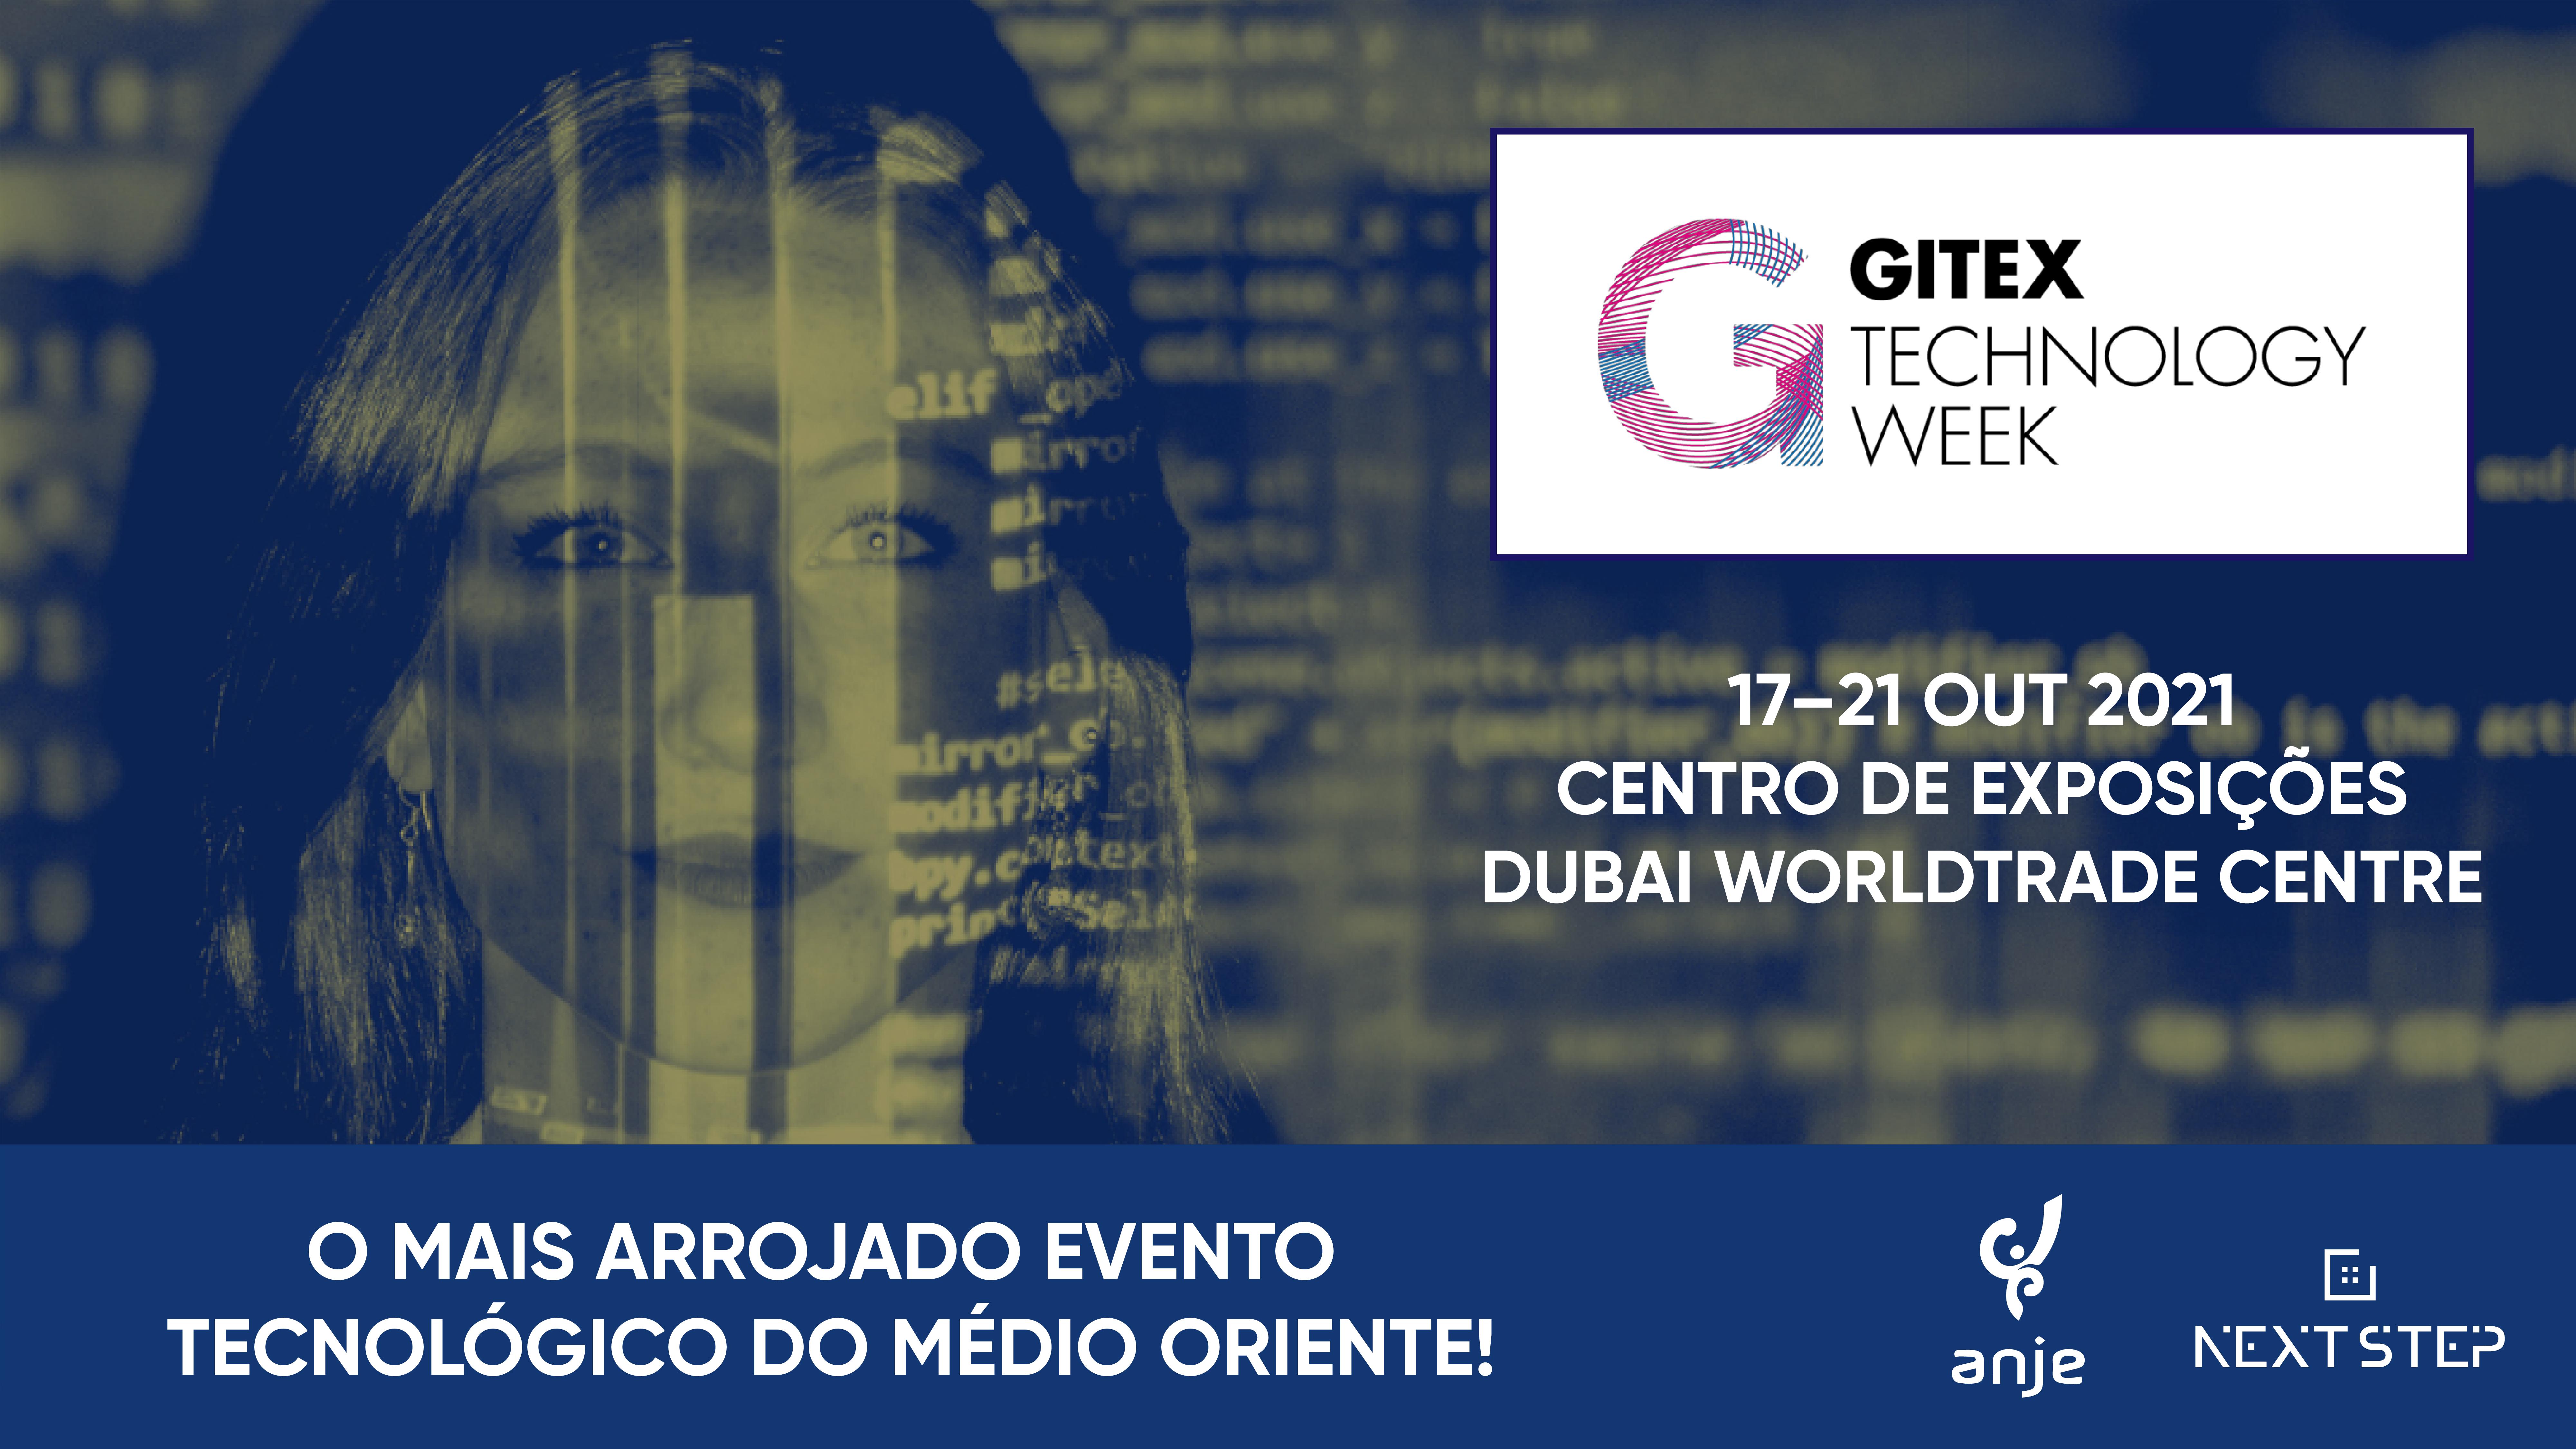 GITEX -Technology Week'2021. O mais arrojado evento tecnológico do Médio Oriente!